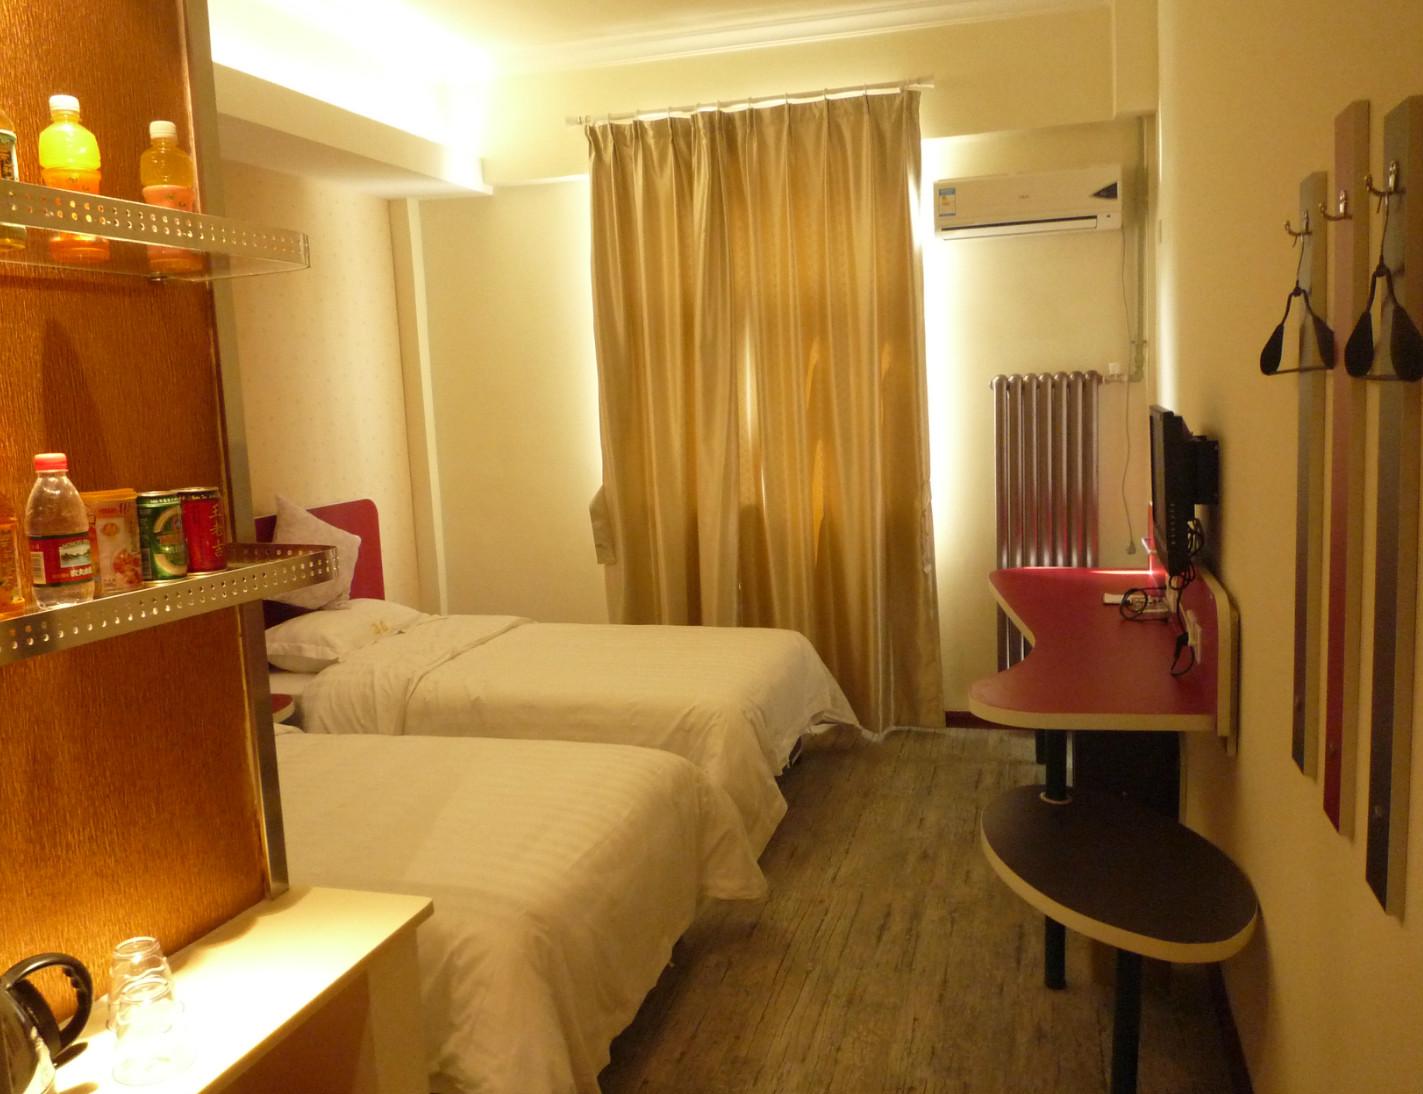 布丁酒店加盟电话_布丁酒店加盟-费用-条件-流程-连锁加盟网